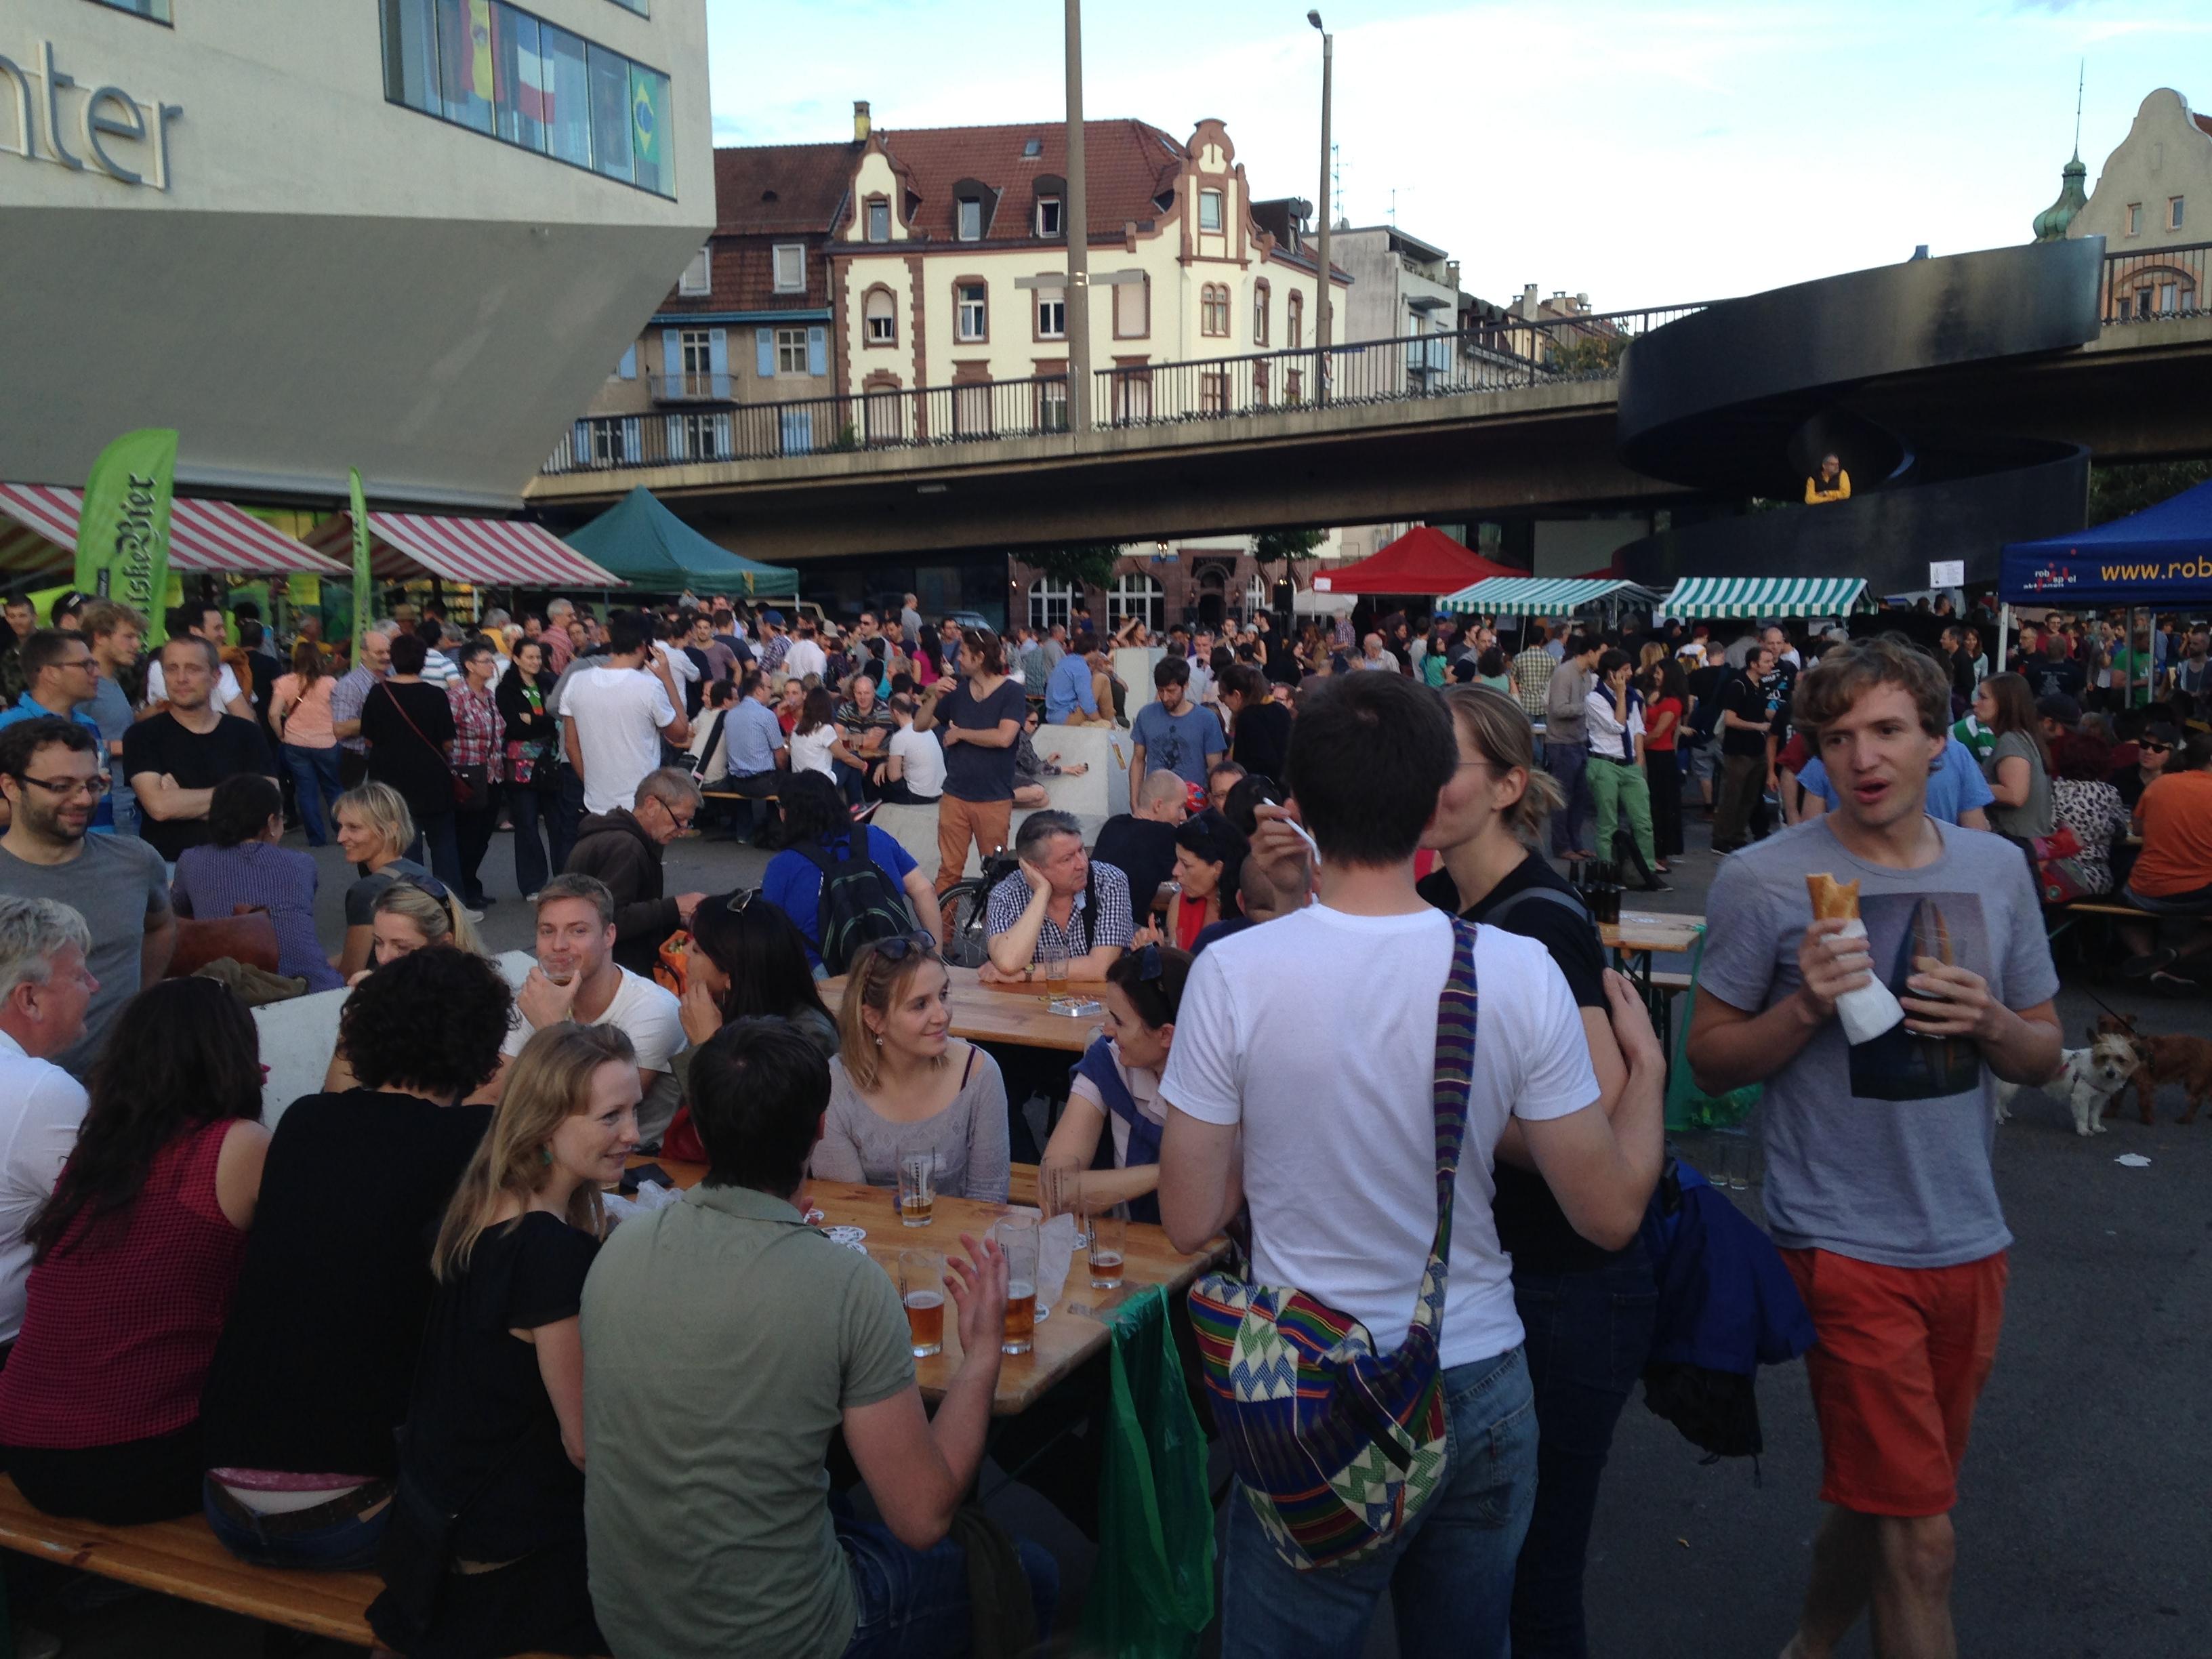 Viel Volk fand sich ein beim Basler Biermarkt.